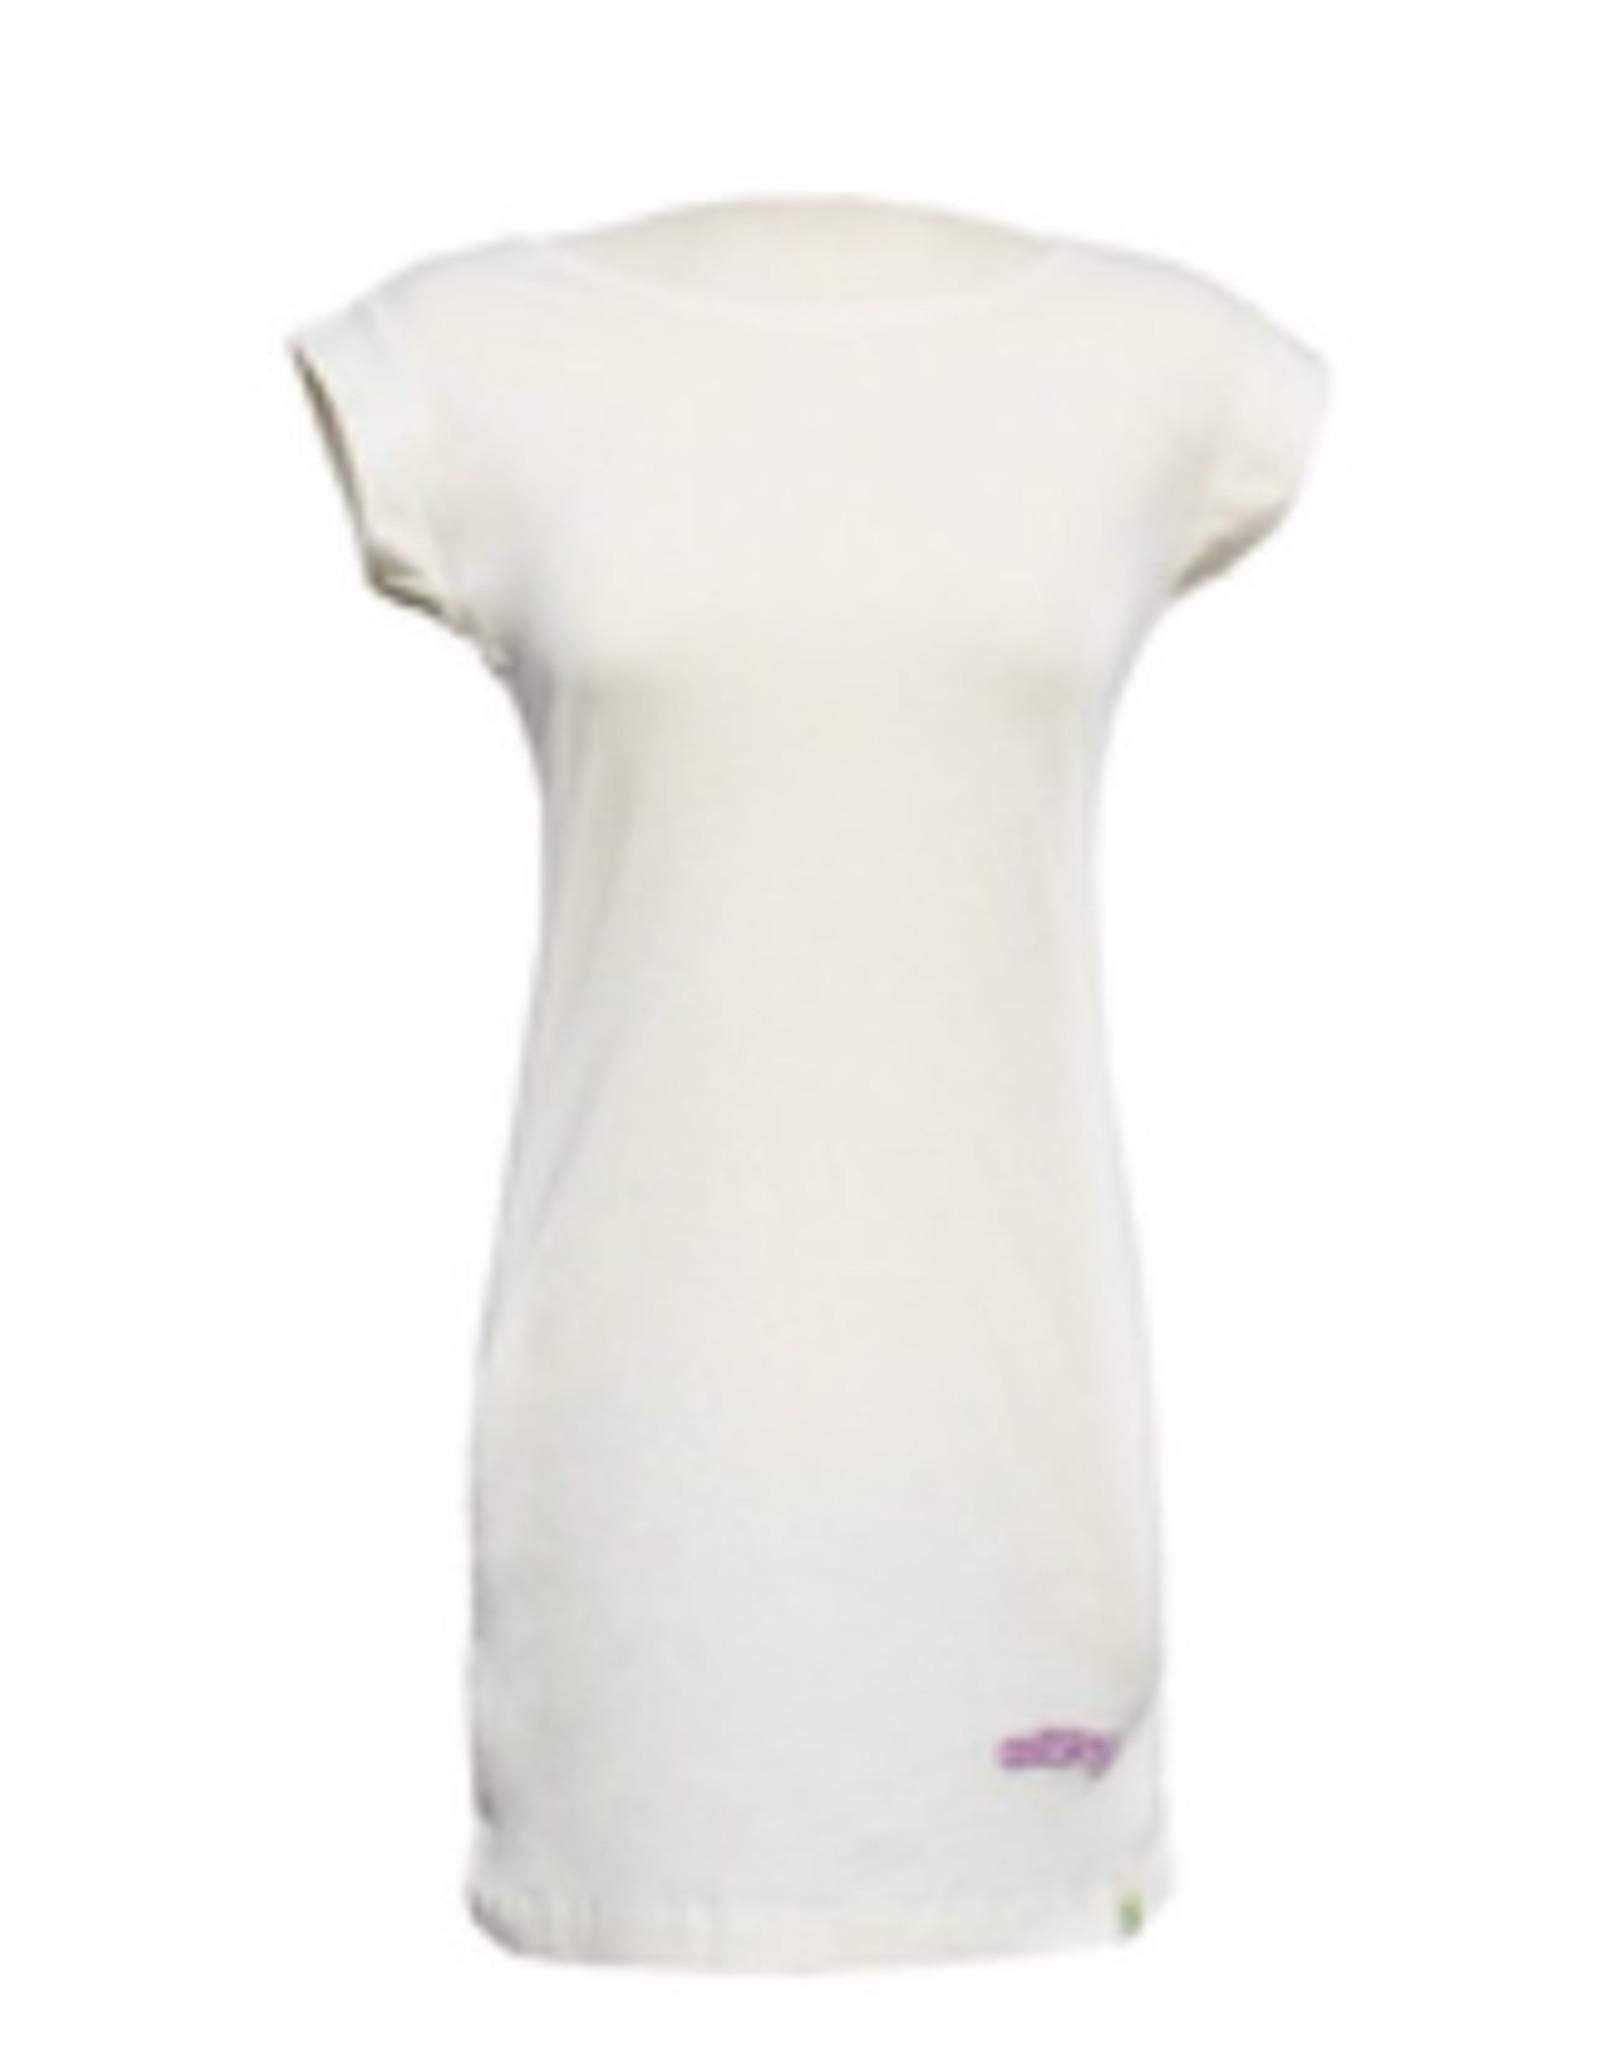 Camiseta mujer Cooliflower.